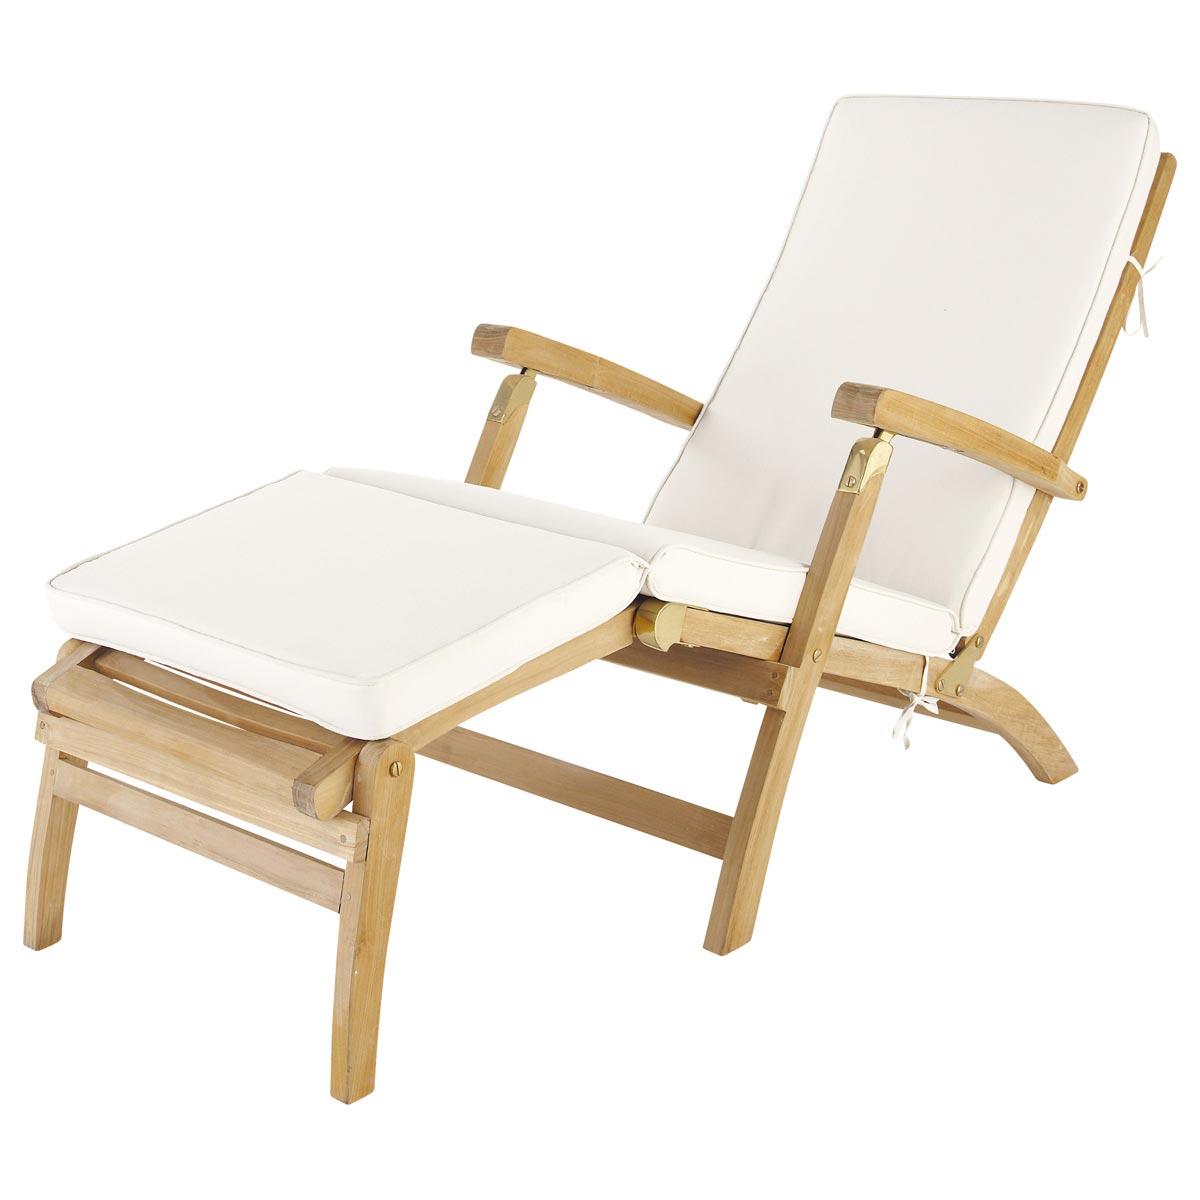 Matelas chaise longue - Design en image